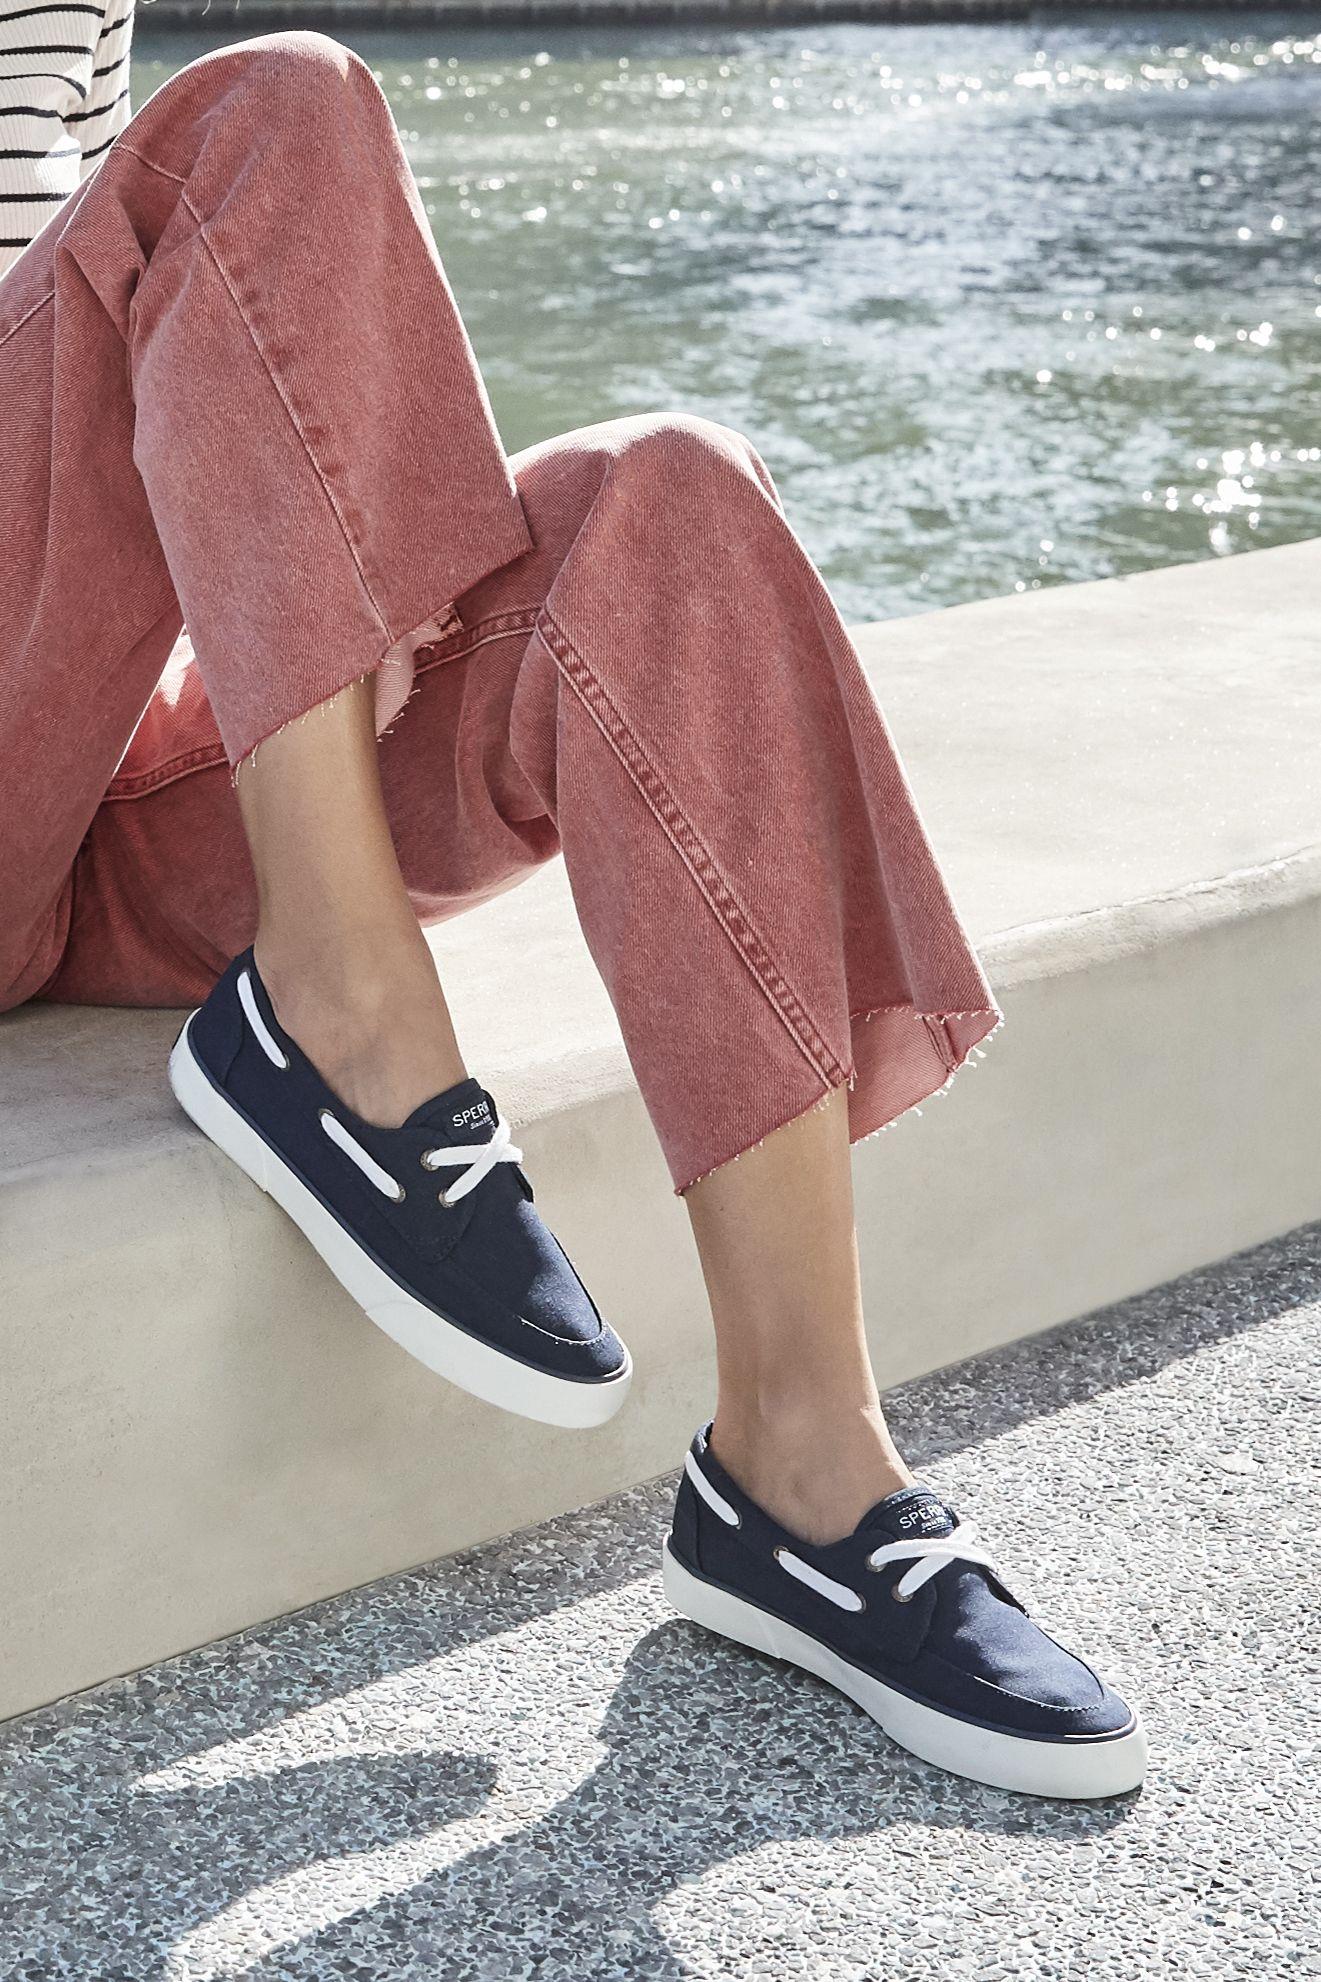 sneaker dress shoe hybrid womens